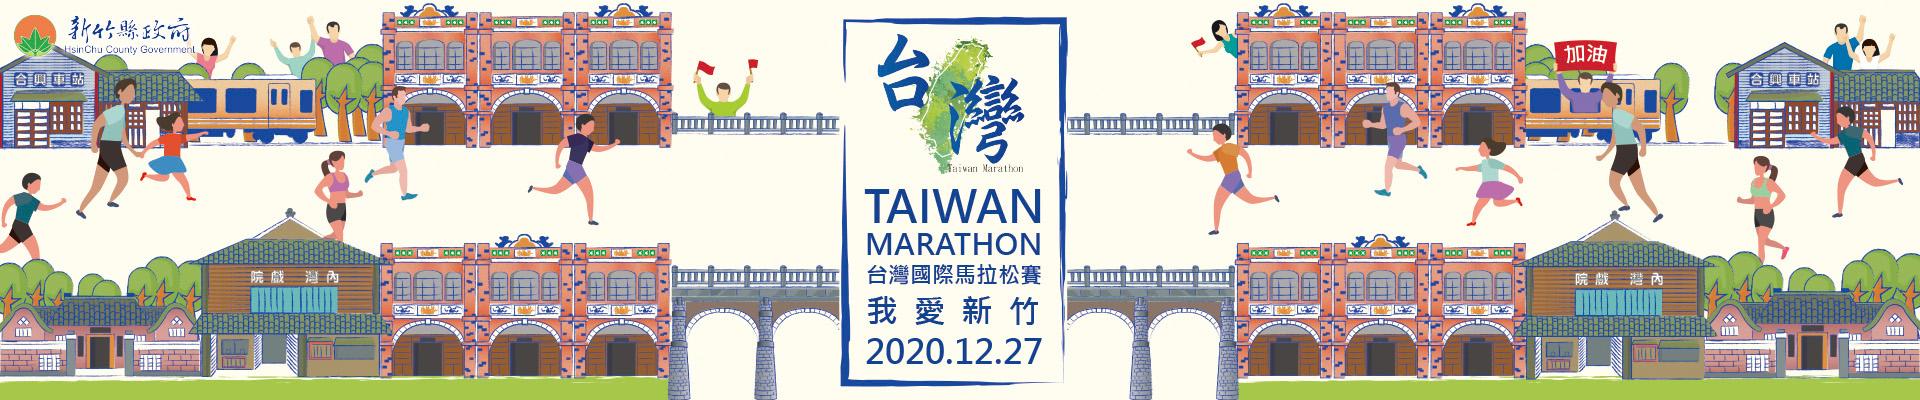 2020台灣國際馬拉松賽-主視覺